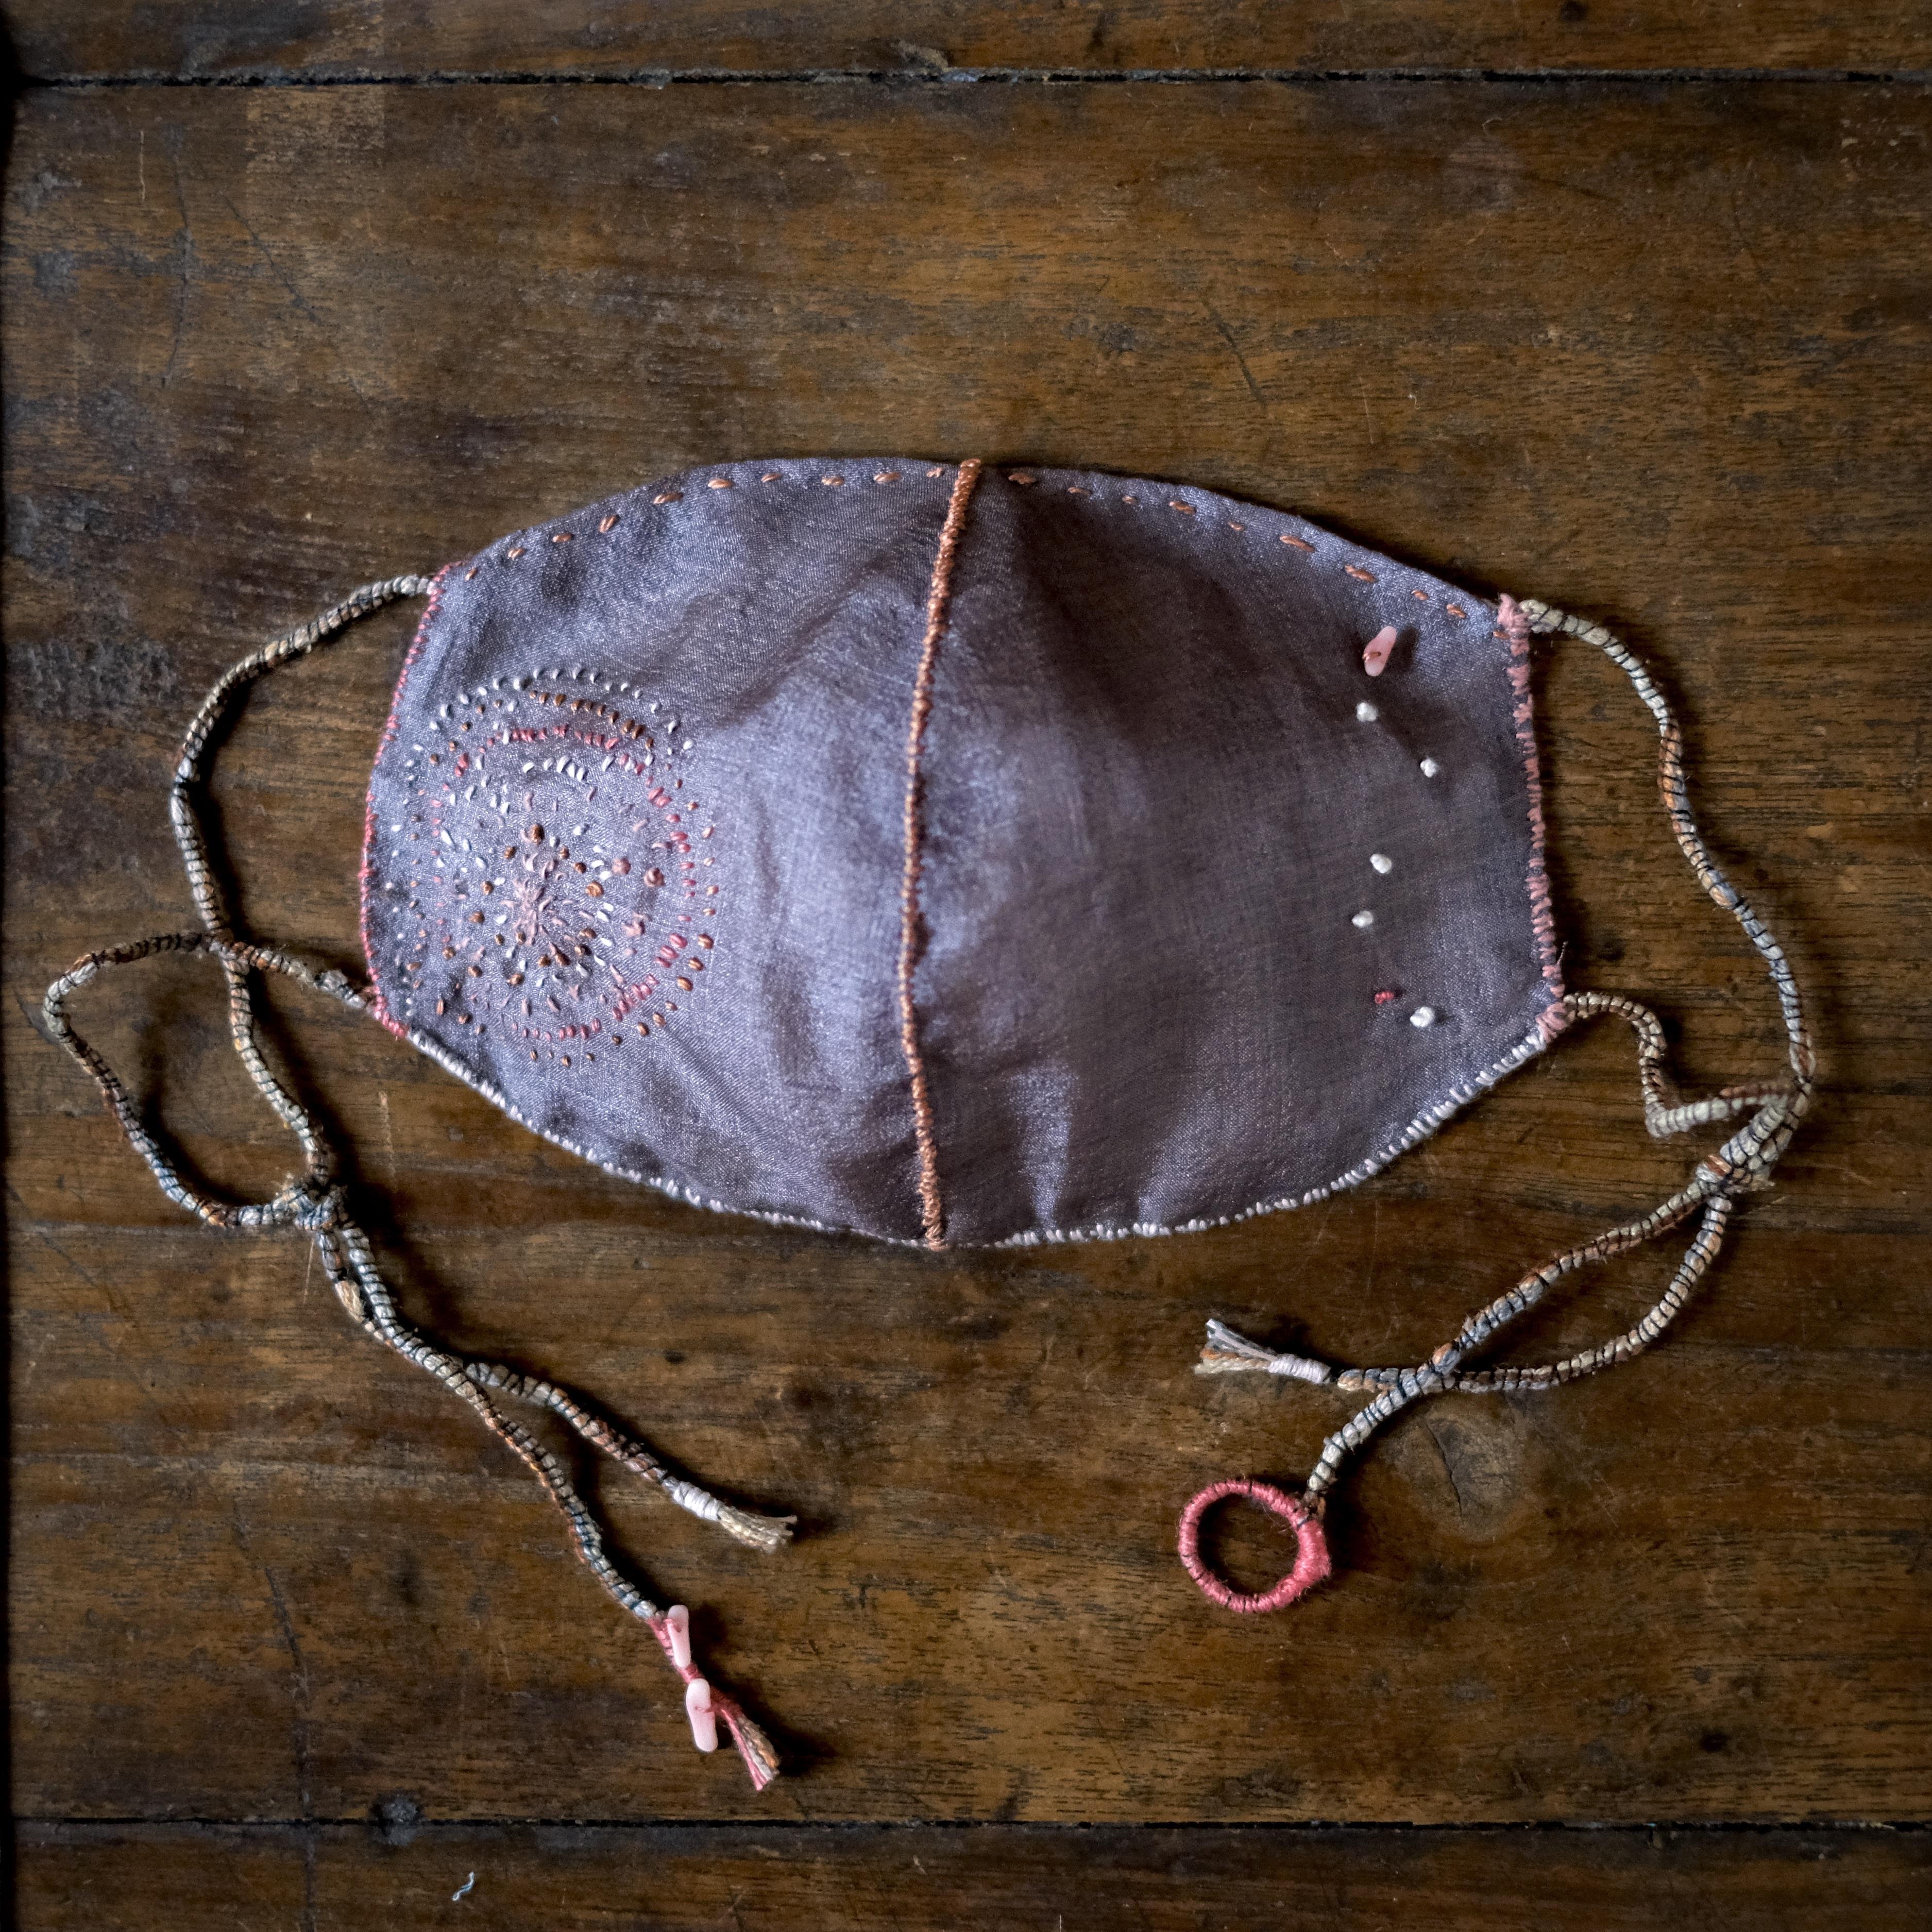 anima mask #57「gift 命のたまもの8」蘇芳染め絹と炭染有機木綿